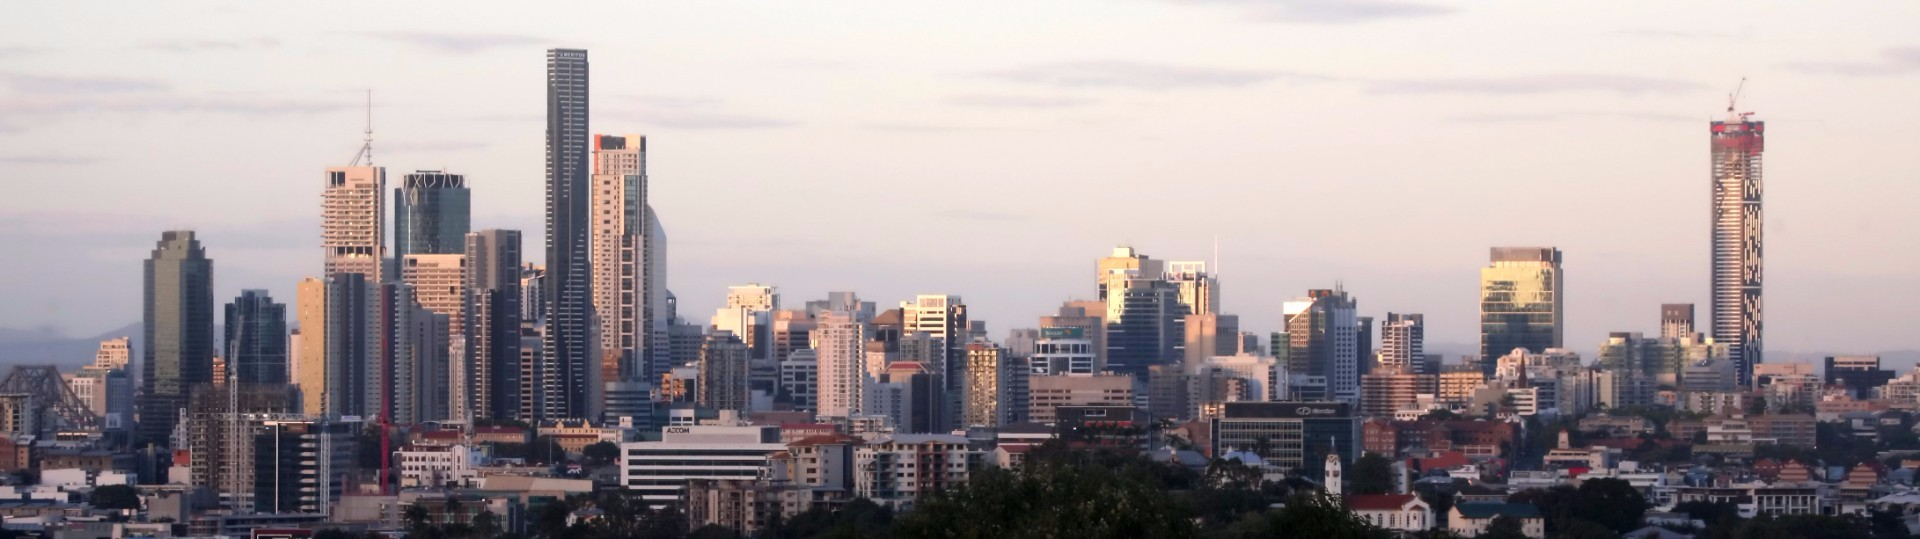 Brisbane Population in 2017